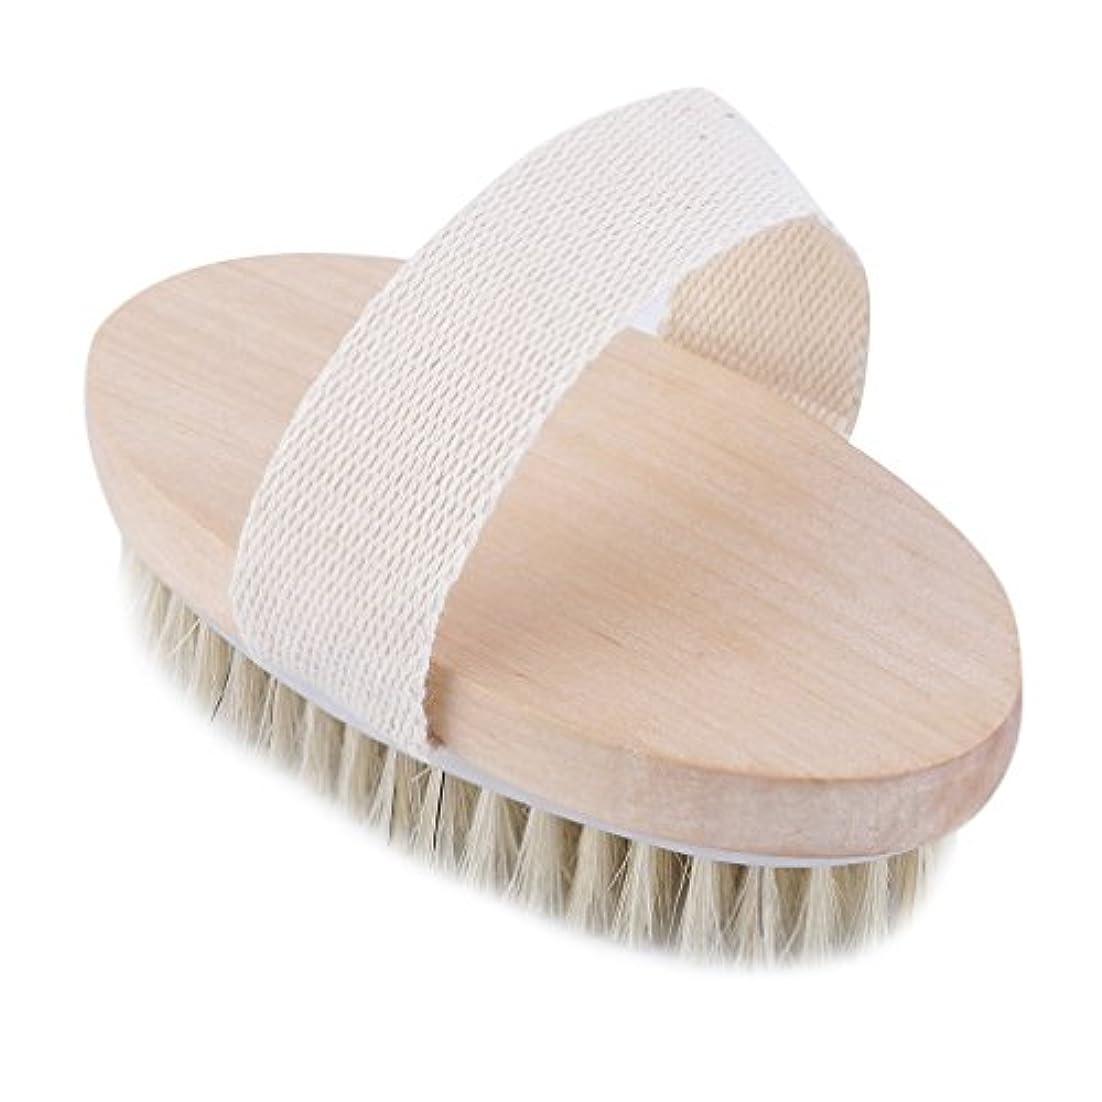 断言する遮るインフレーションNerhaily 豚毛 天然素材 木製 短柄 ボディブラシ 足を洗う 角質除去 美肌 バス用品